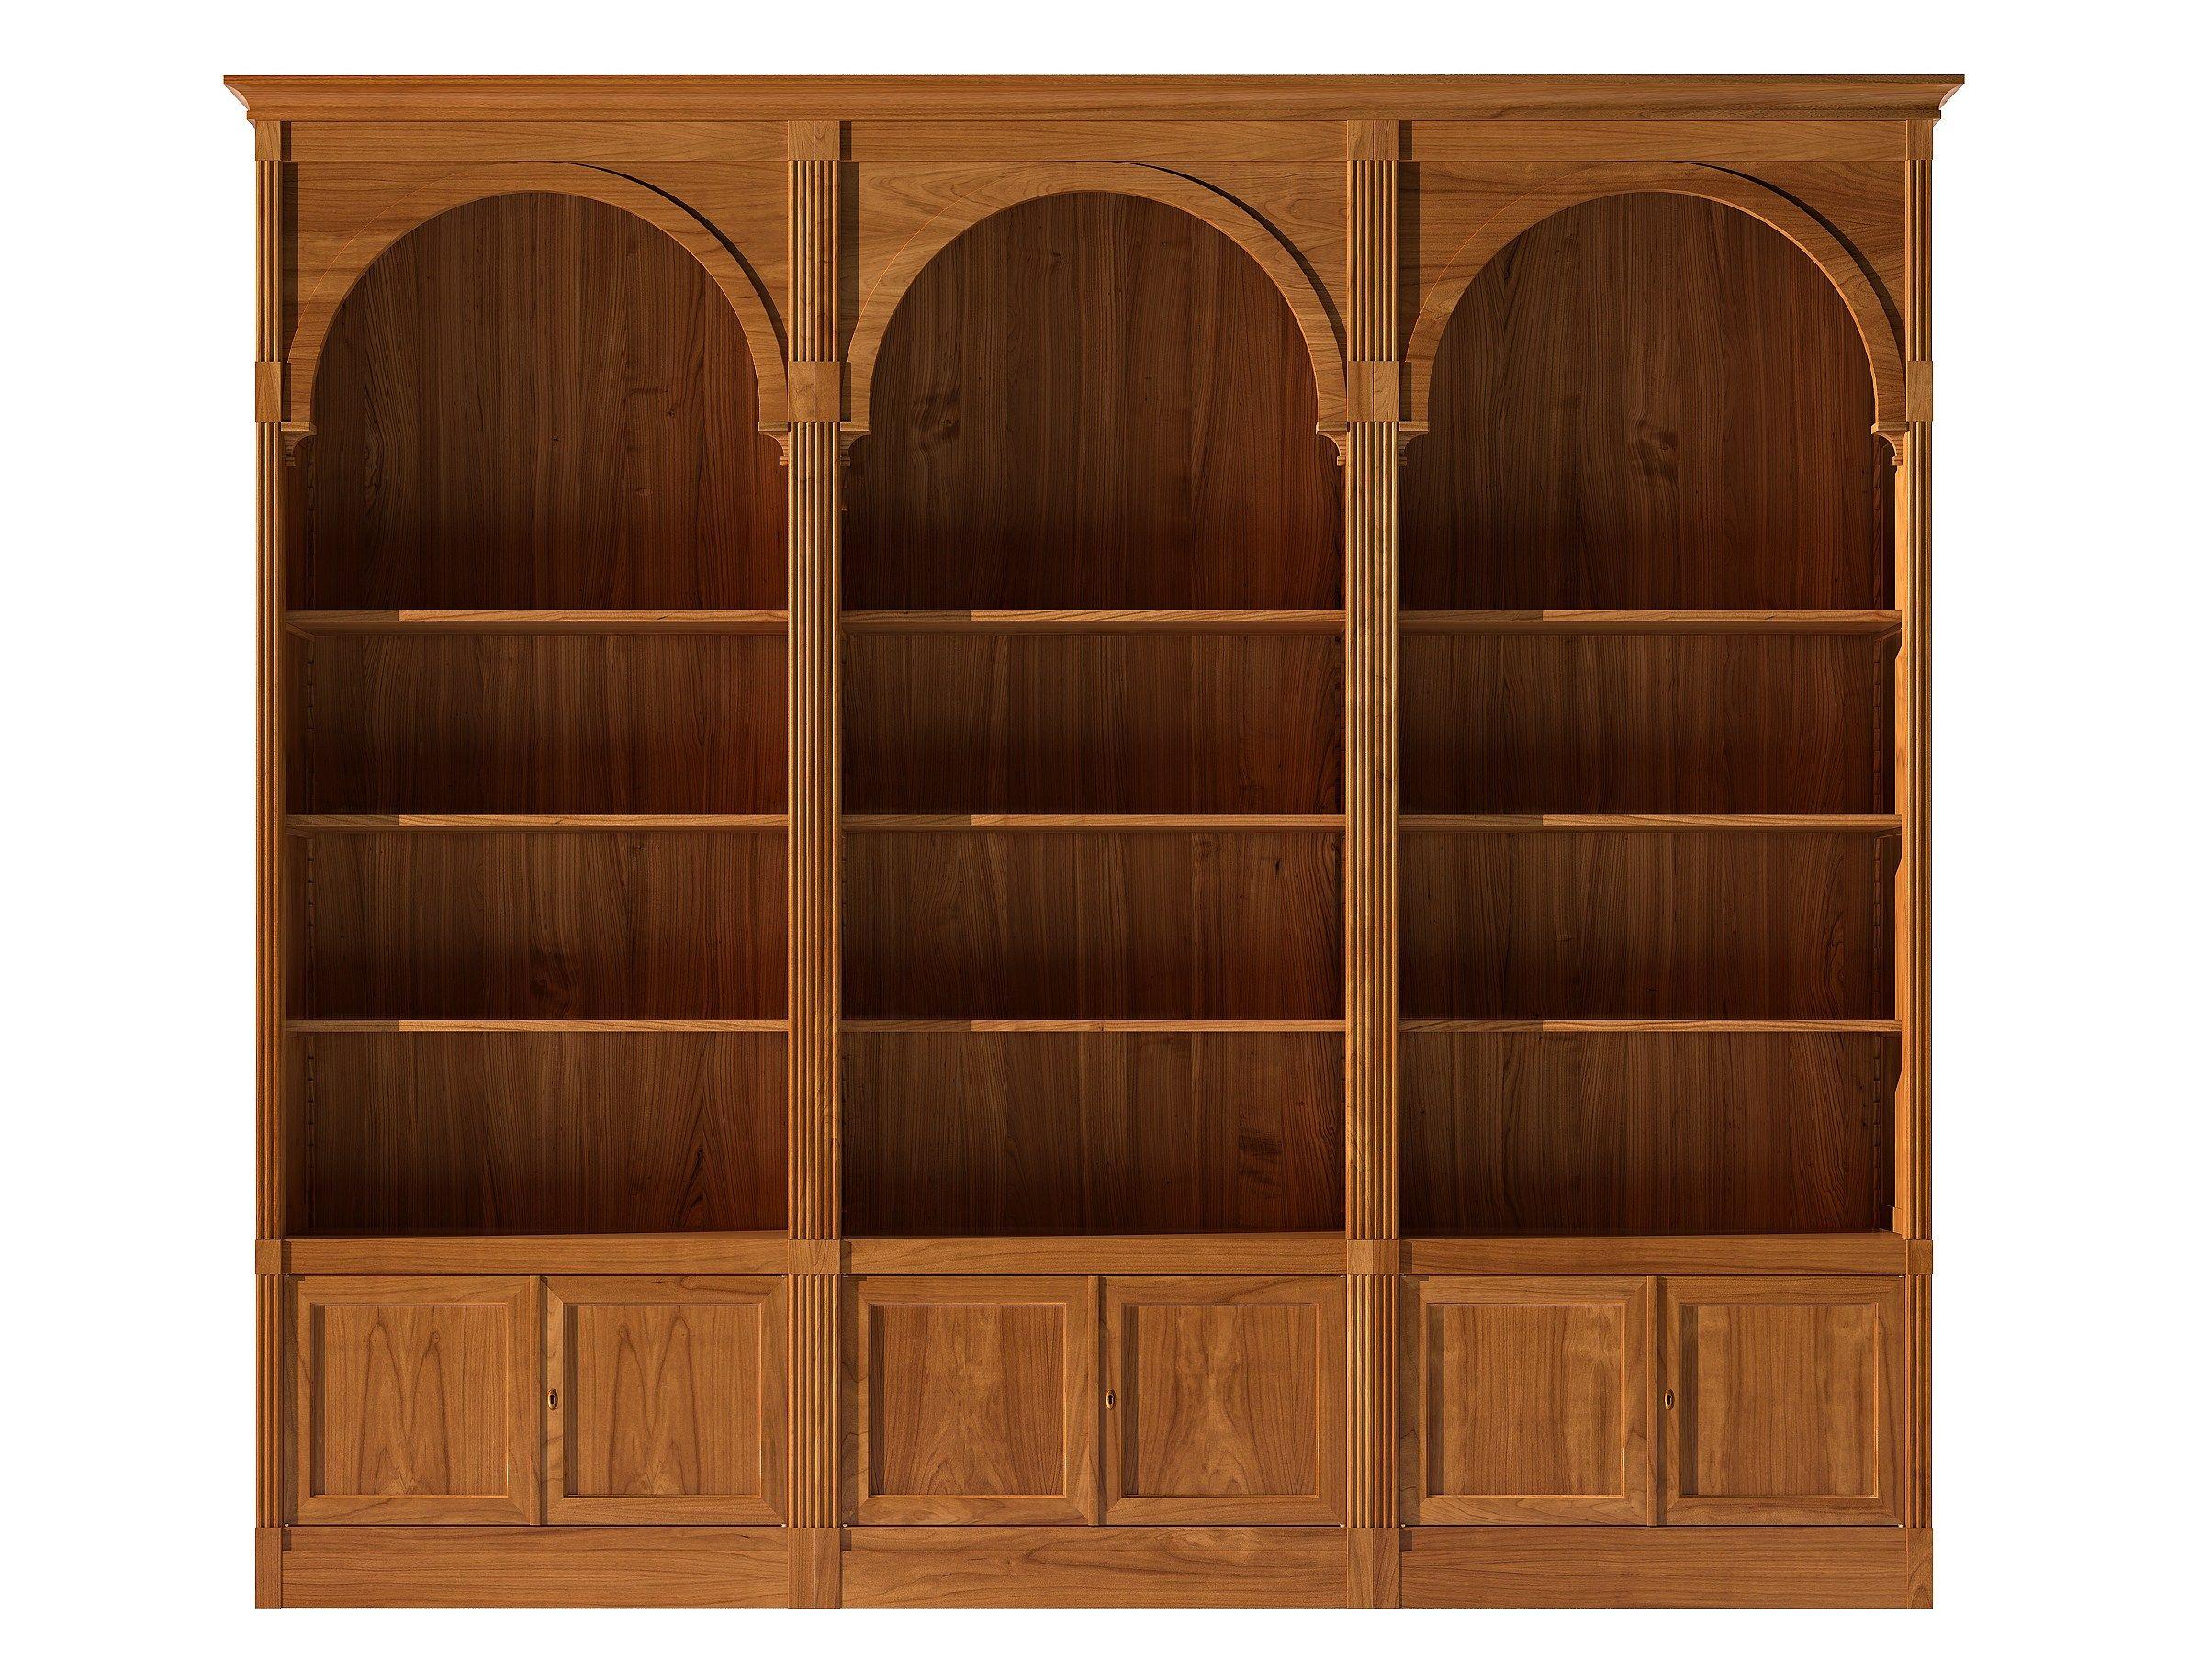 Книжный шкаф fs3010185 (кабинеты morelato) итальянская мебел.